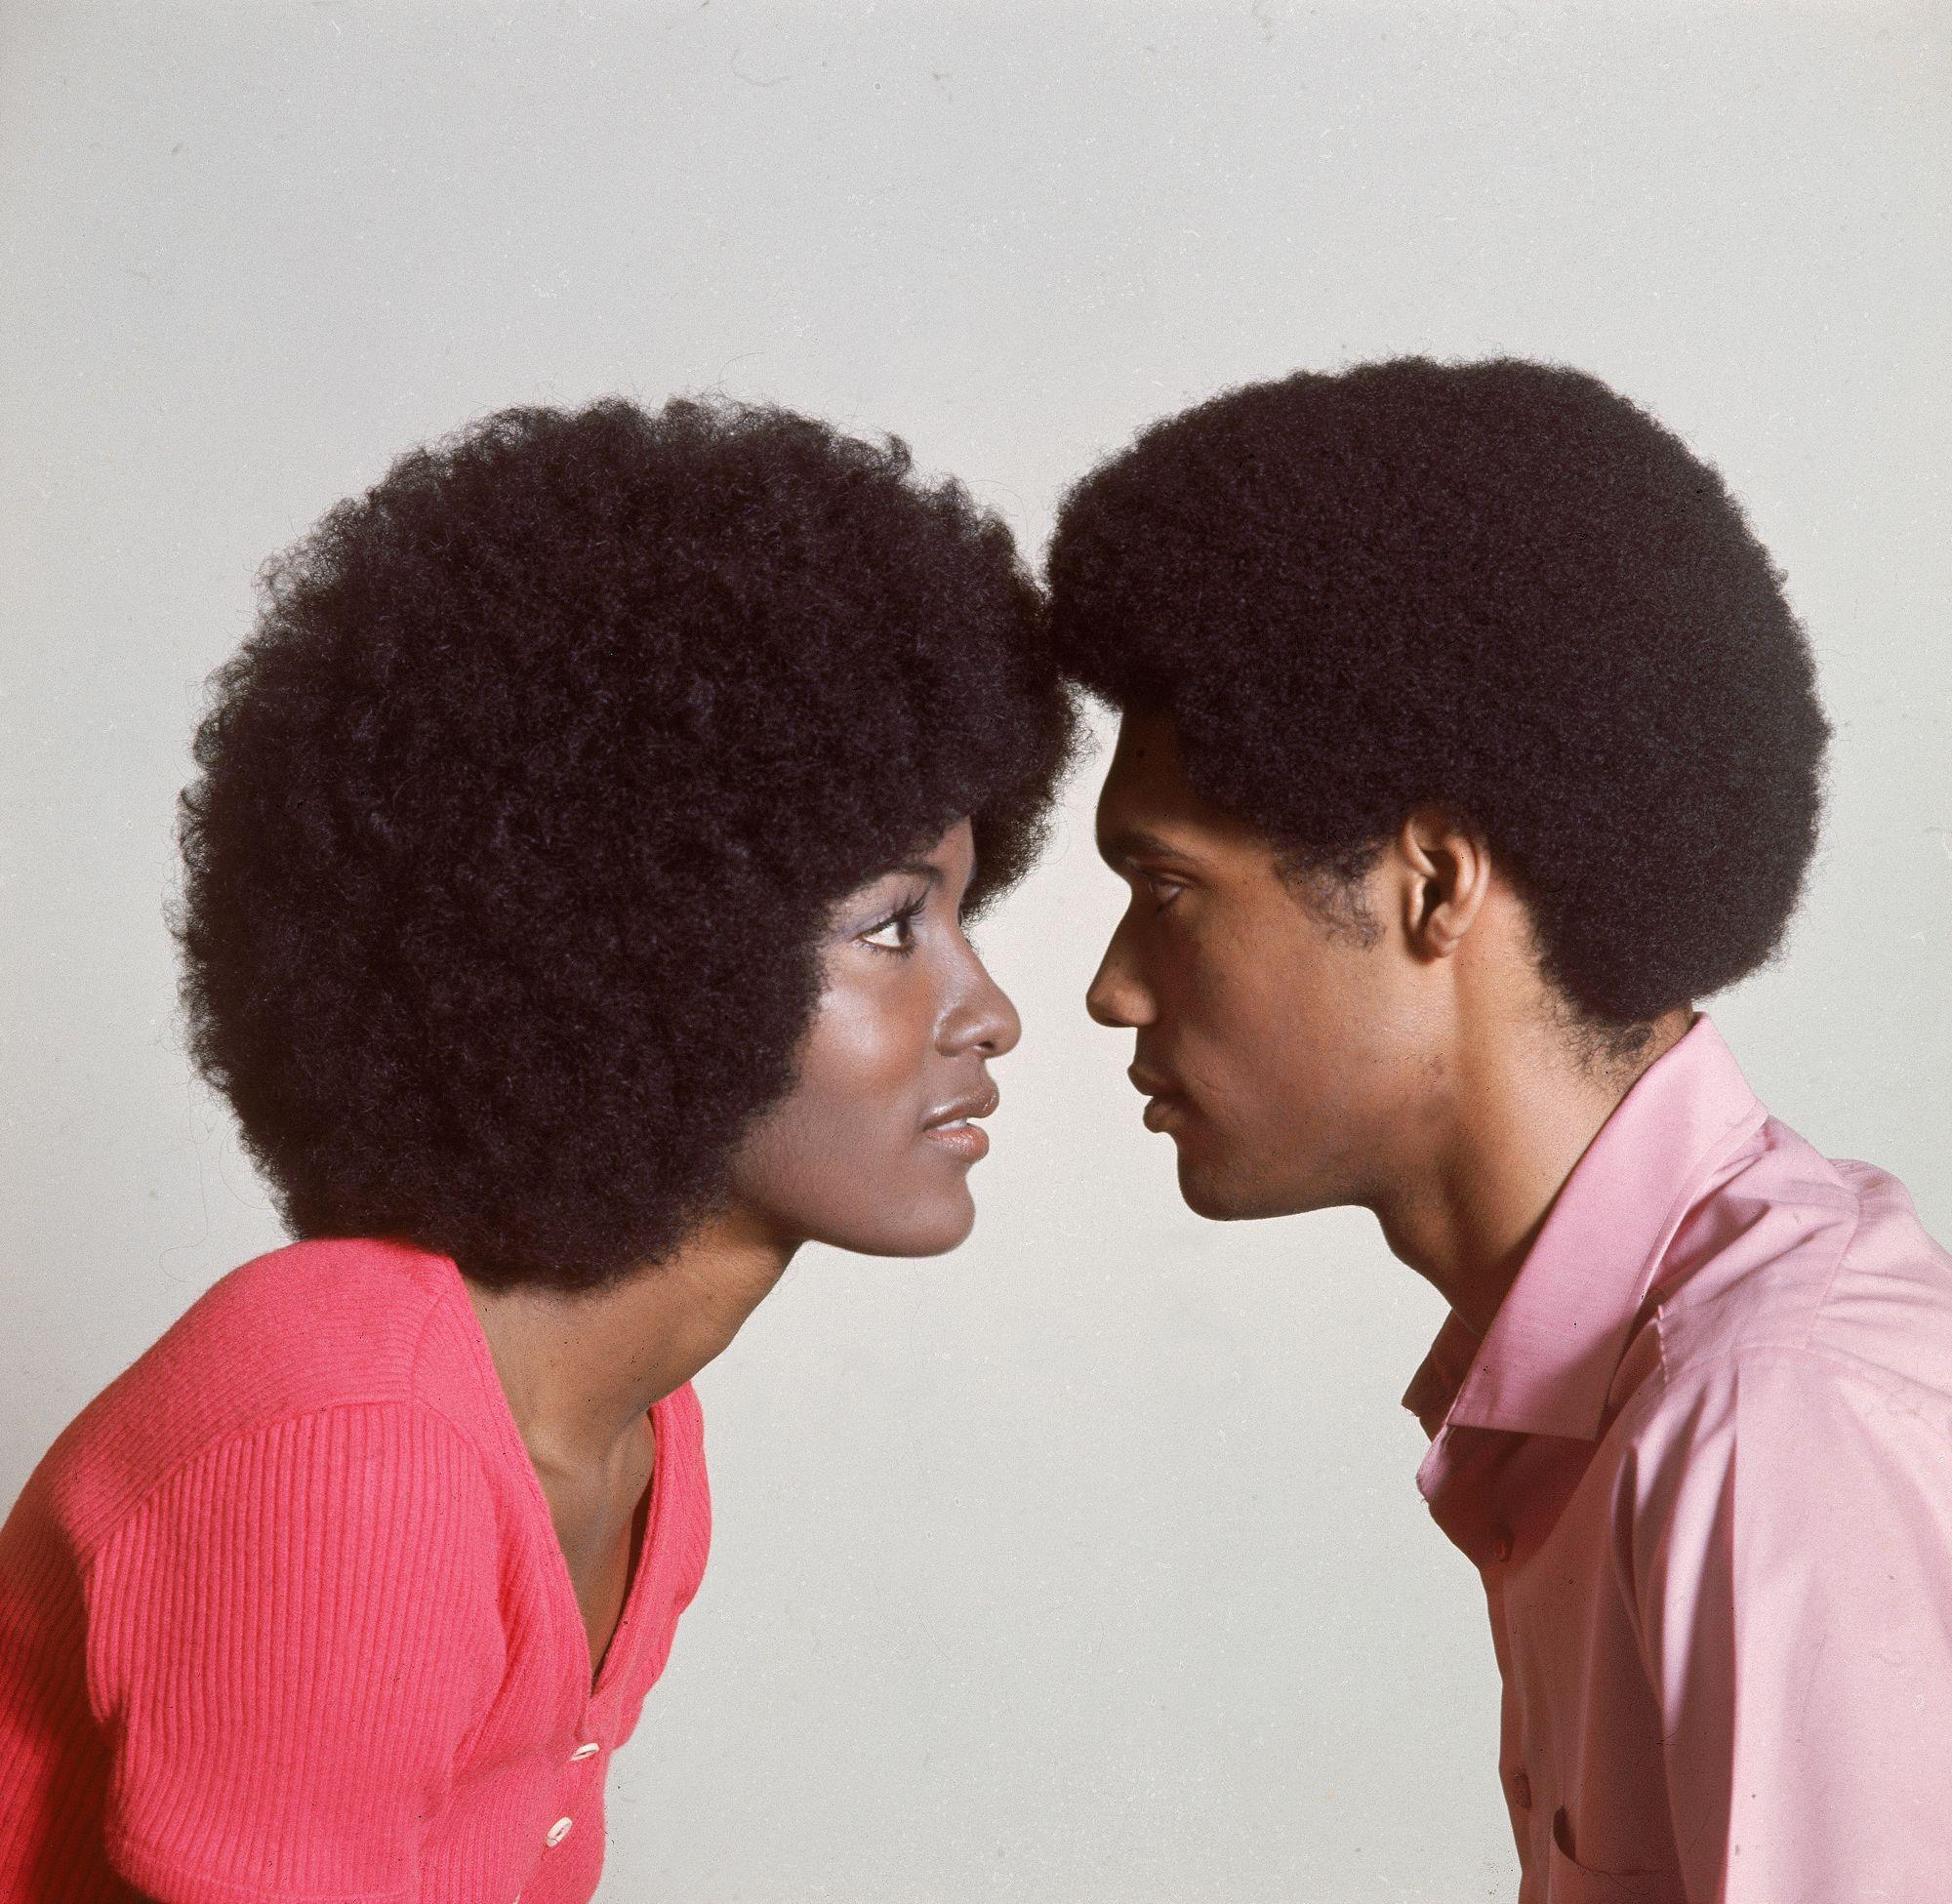 La comunicazione assertiva è la colla extrastrong che tiene insieme la coppia